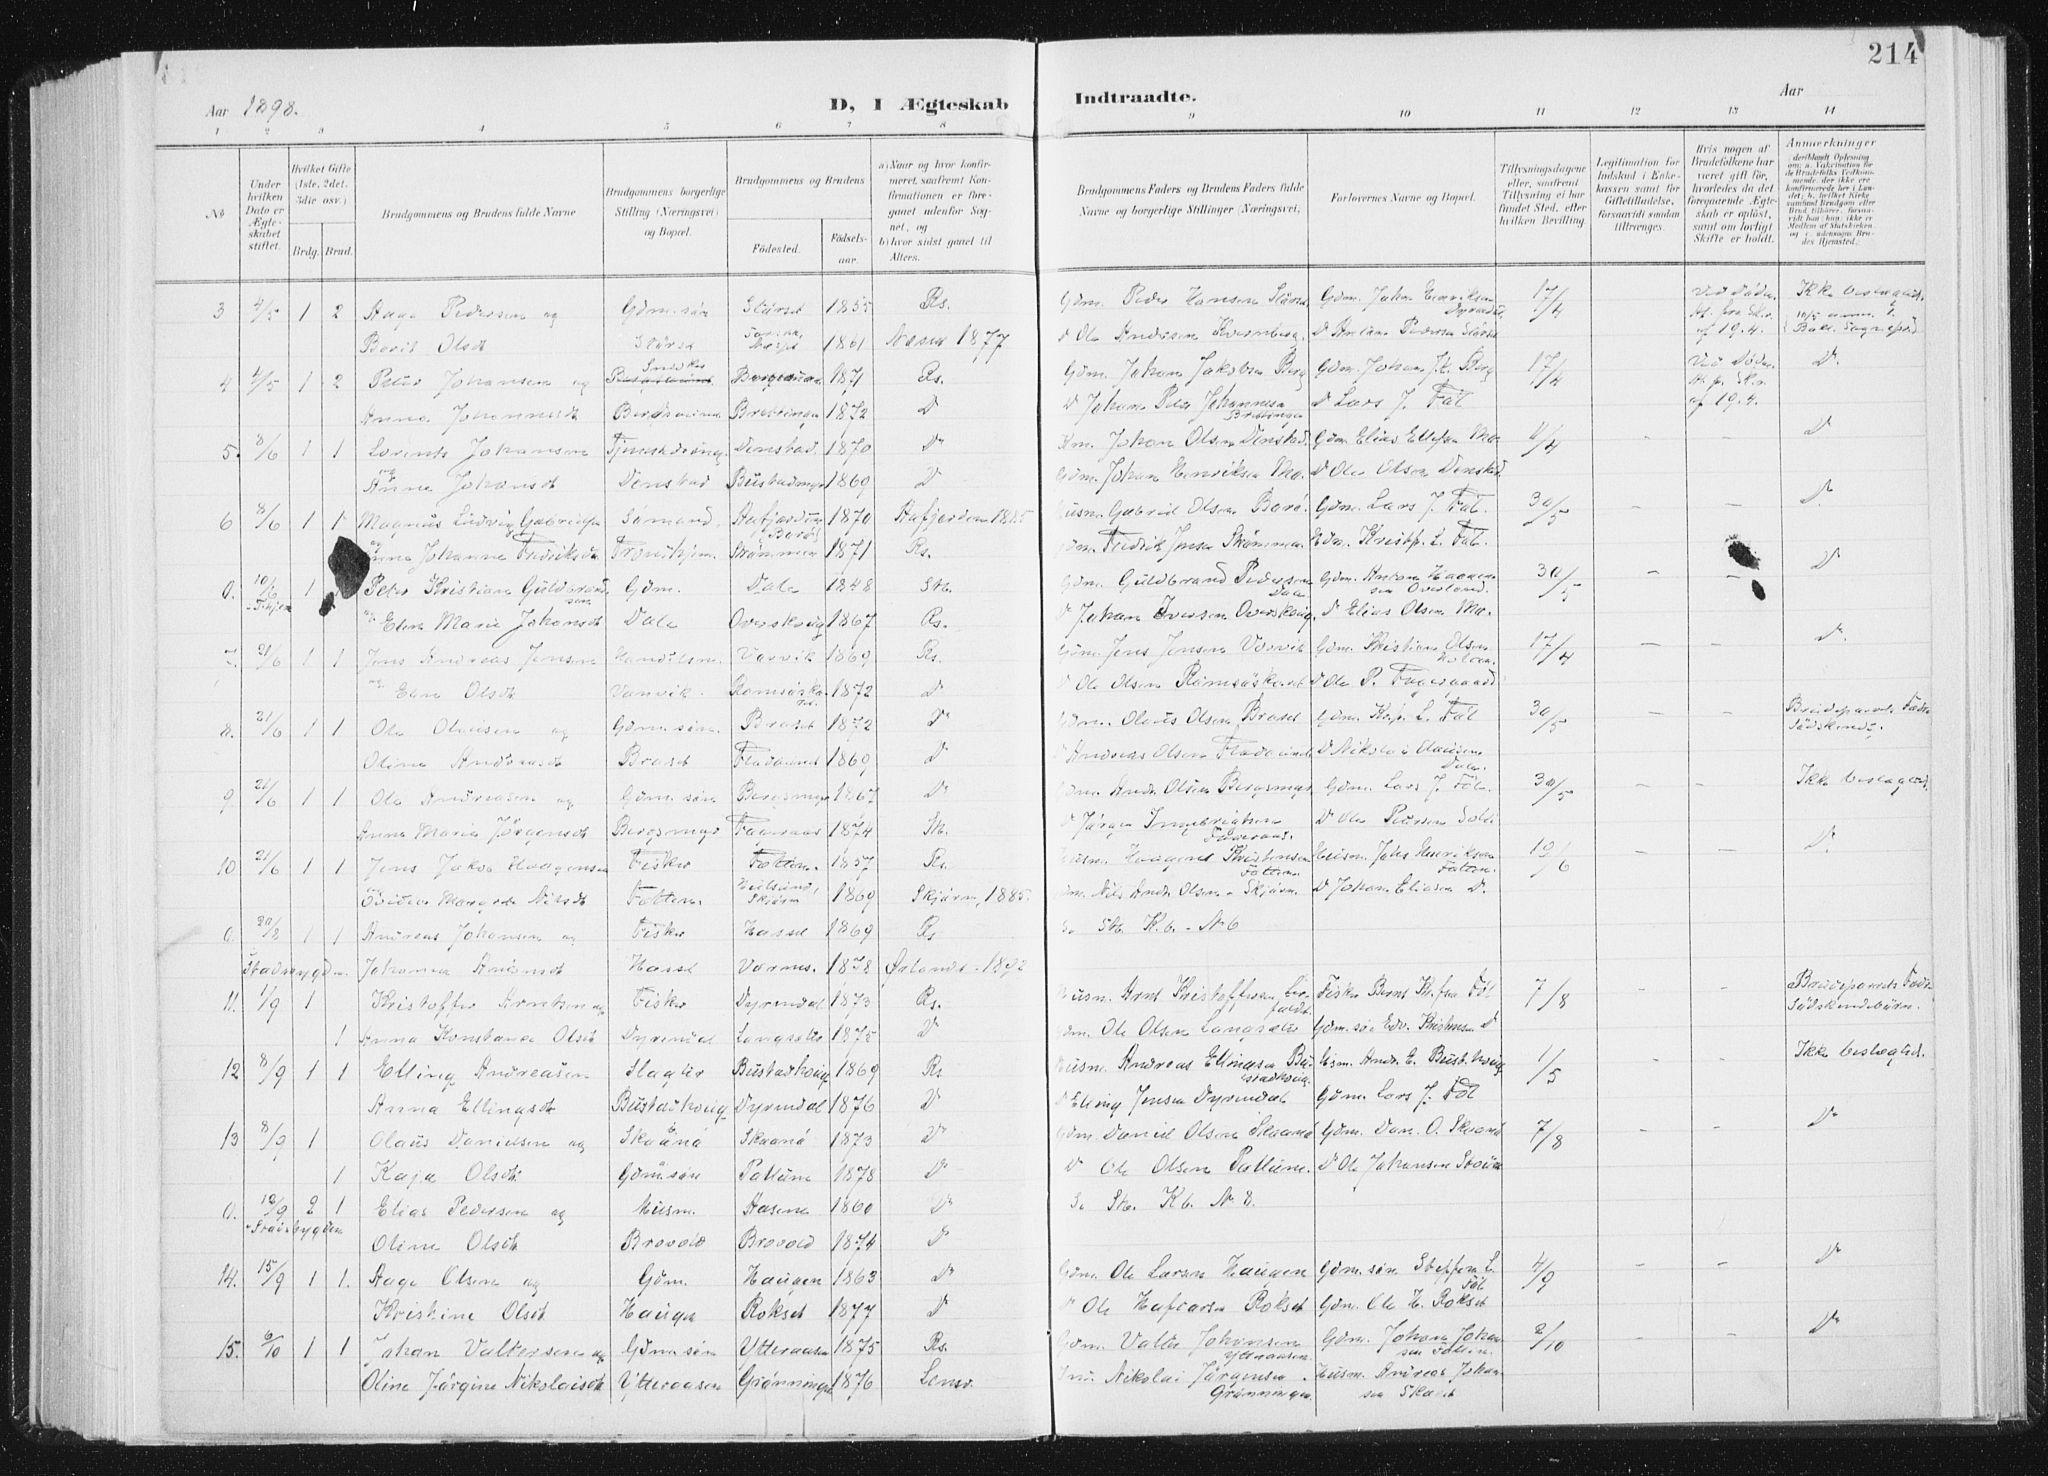 SAT, Ministerialprotokoller, klokkerbøker og fødselsregistre - Sør-Trøndelag, 647/L0635: Ministerialbok nr. 647A02, 1896-1911, s. 214